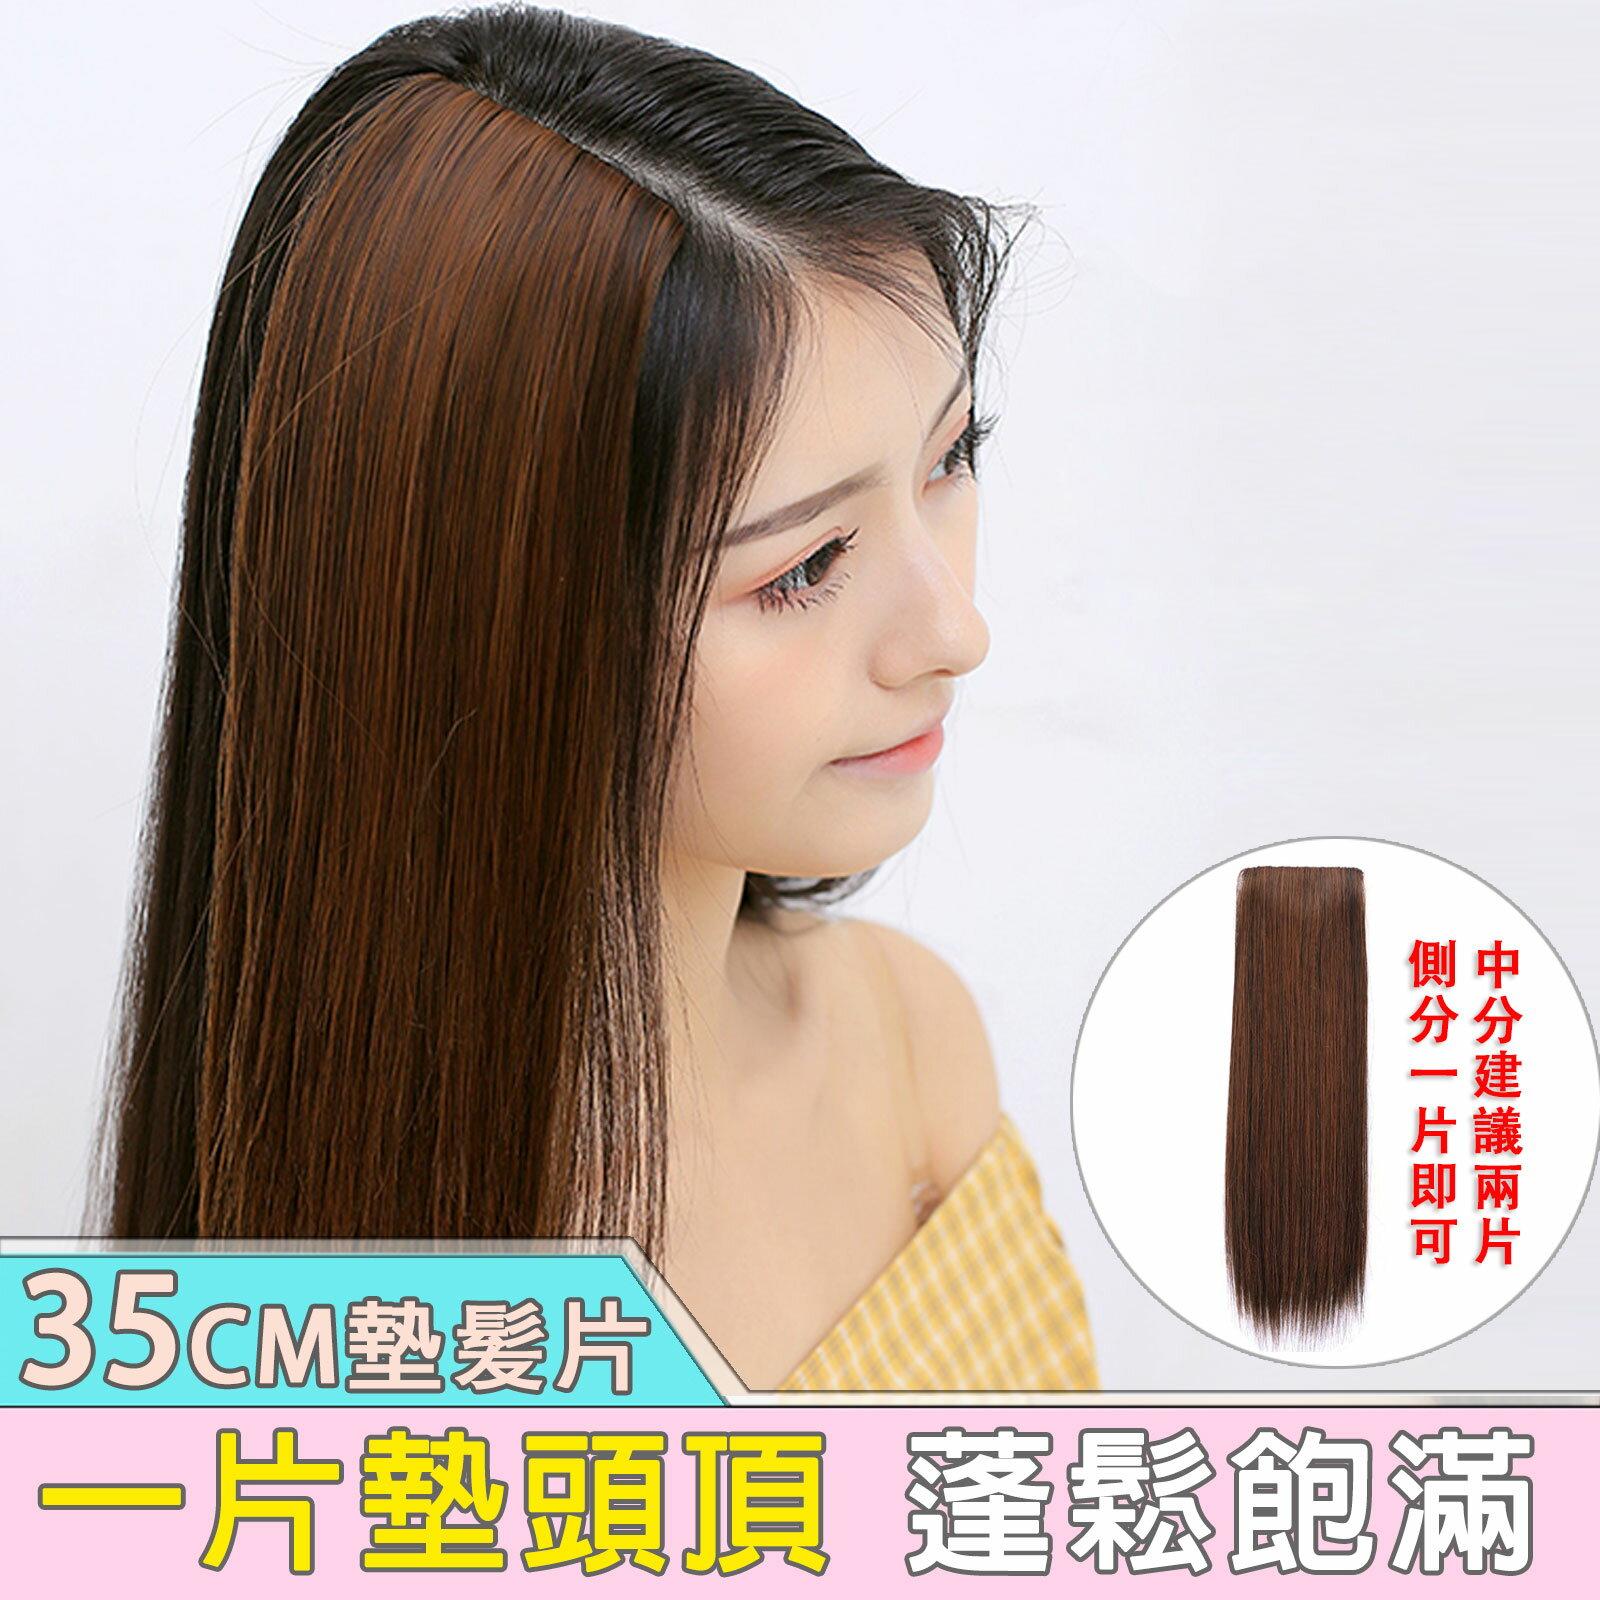 頭頂/兩側 墊髮片 假髮35CM 墊頭頂 增髮增量 接髮片【MF025】 ☆雙兒網☆